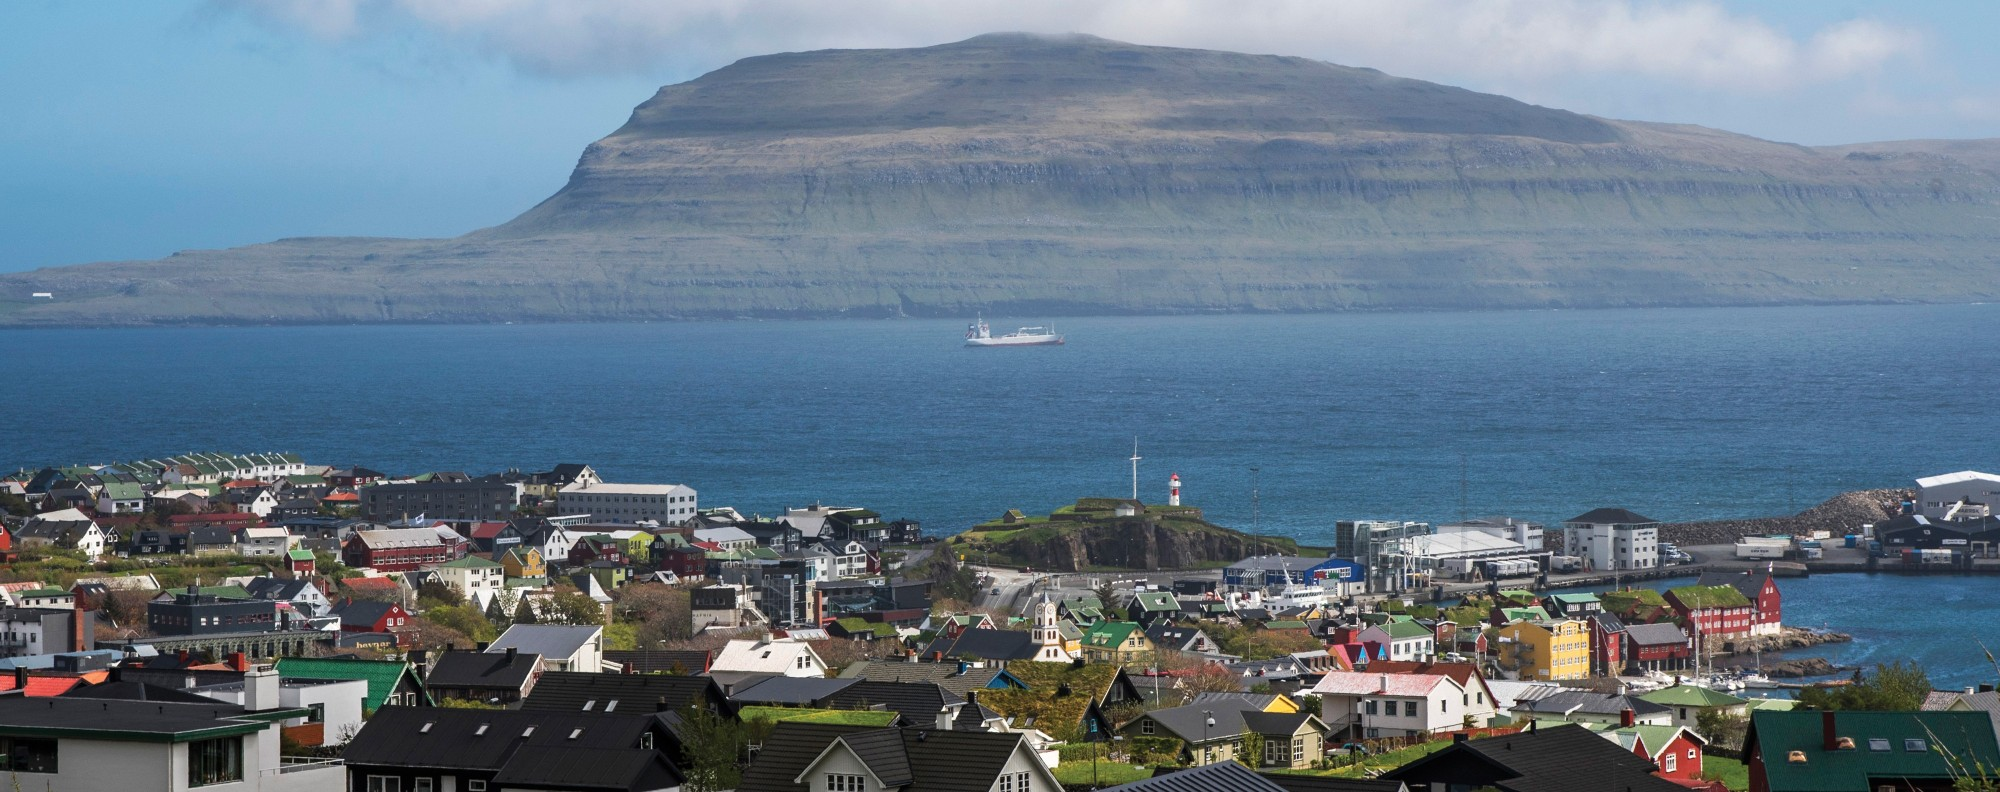 Tórshavn, in the Faroe Islands.